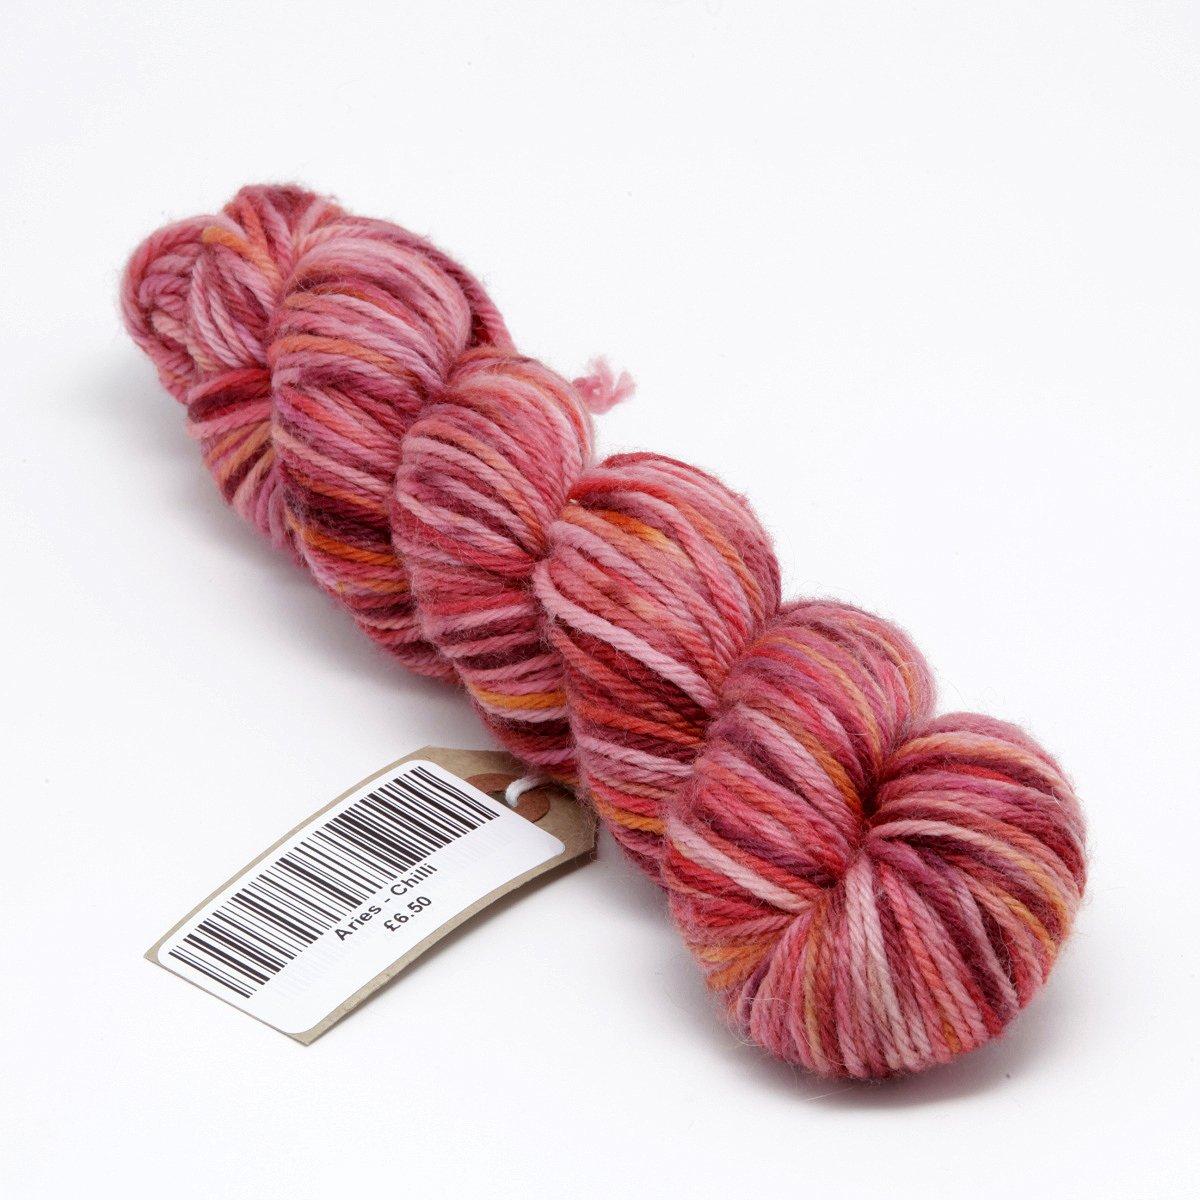 Hand Dyed Merino DK yarn